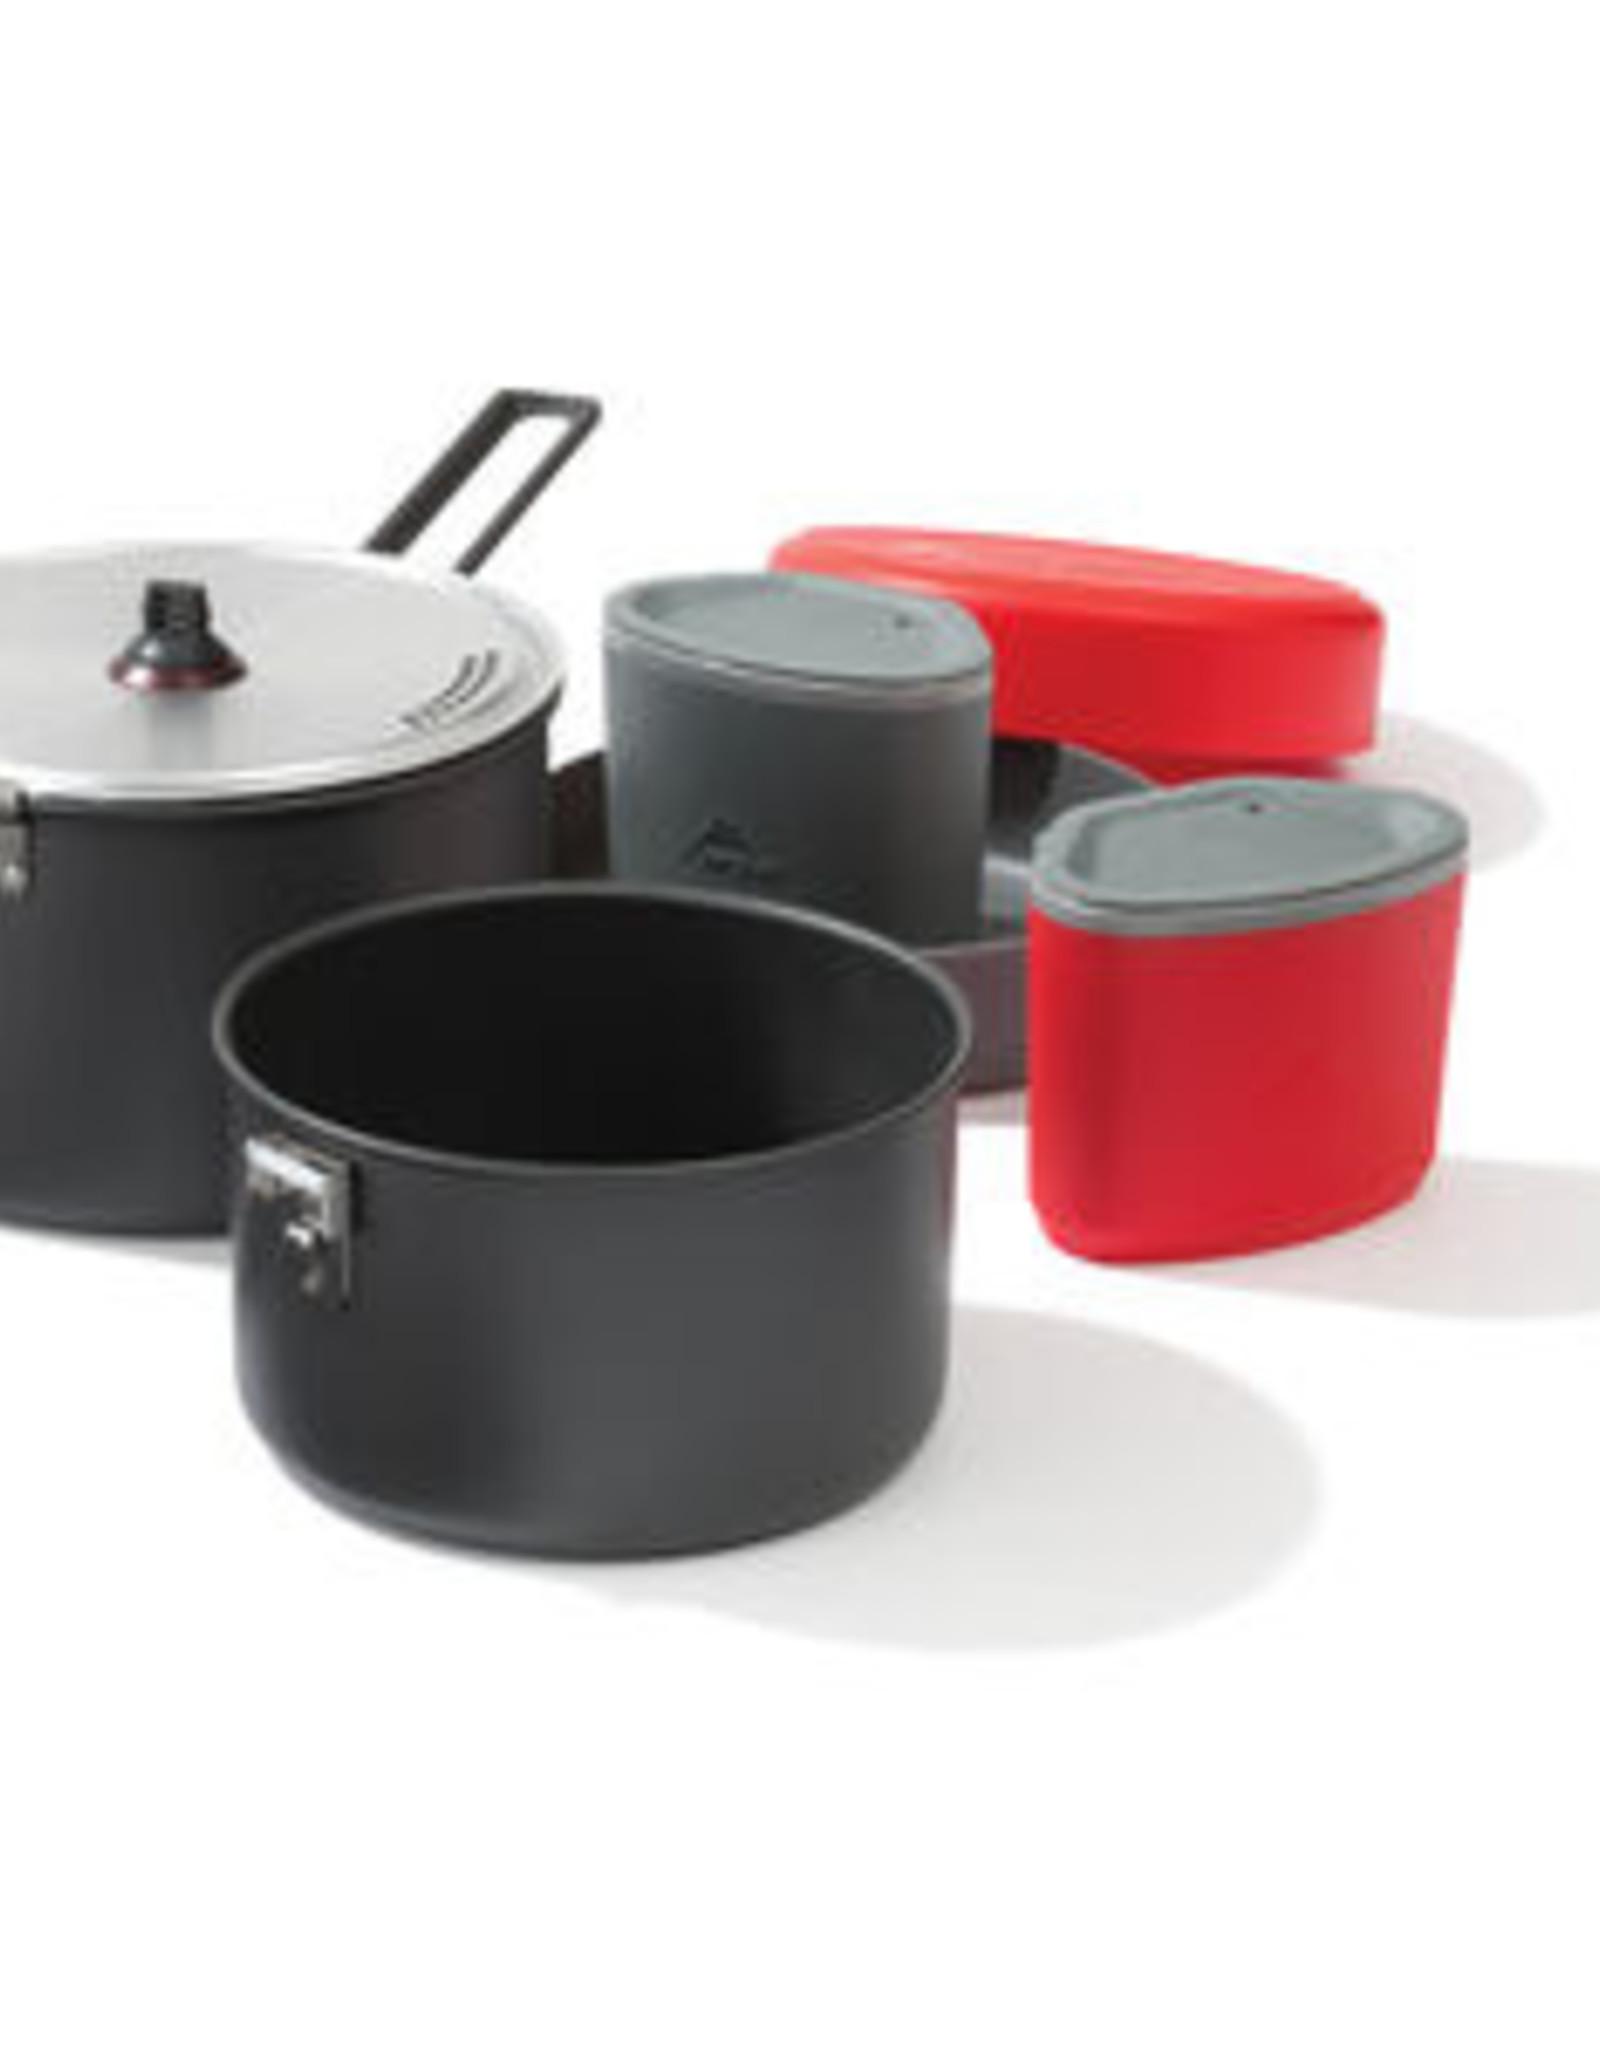 MSR MSR Quick 2 System Cook Set